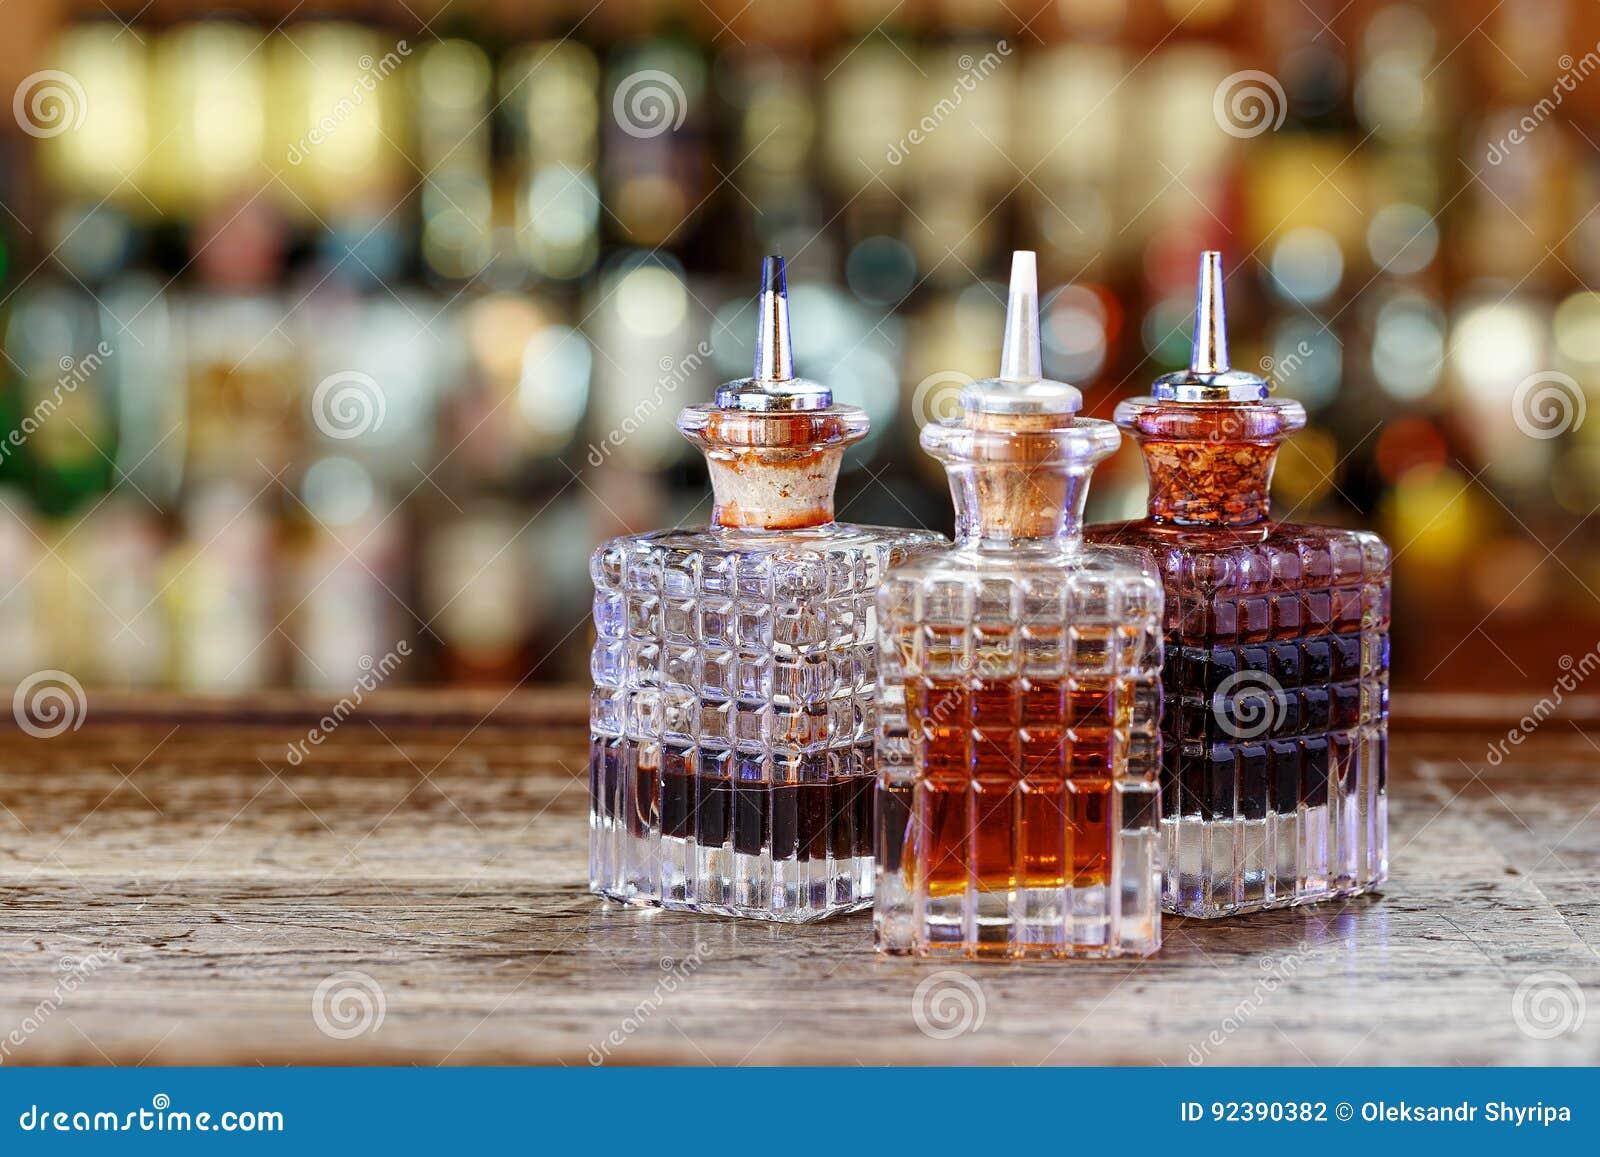 Distributeurs pour des sirops